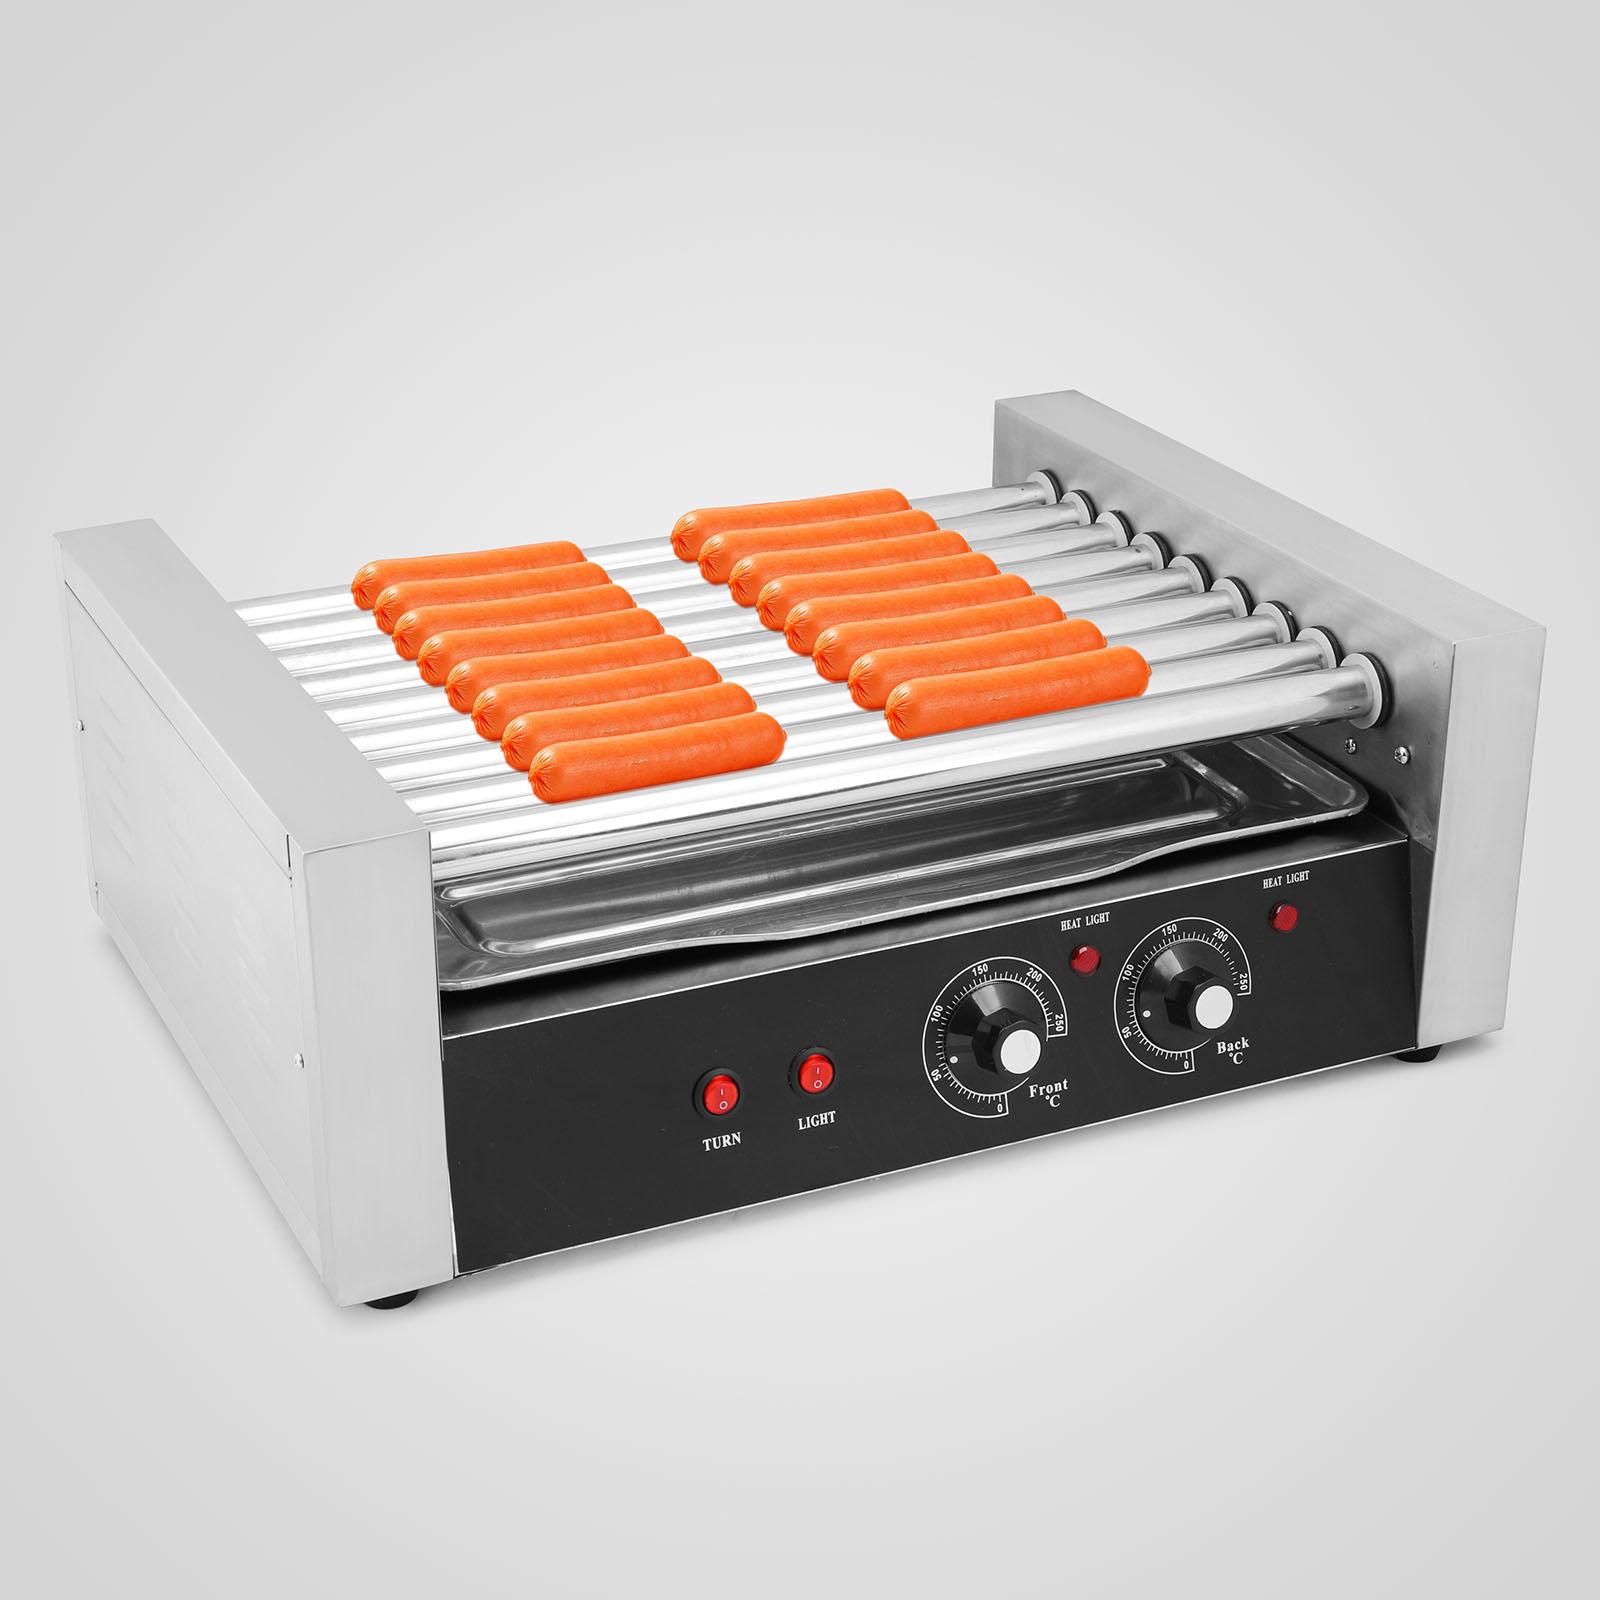 new commercial 24 hot dog hotdog 9 roller grill cooker machine vending ebay. Black Bedroom Furniture Sets. Home Design Ideas